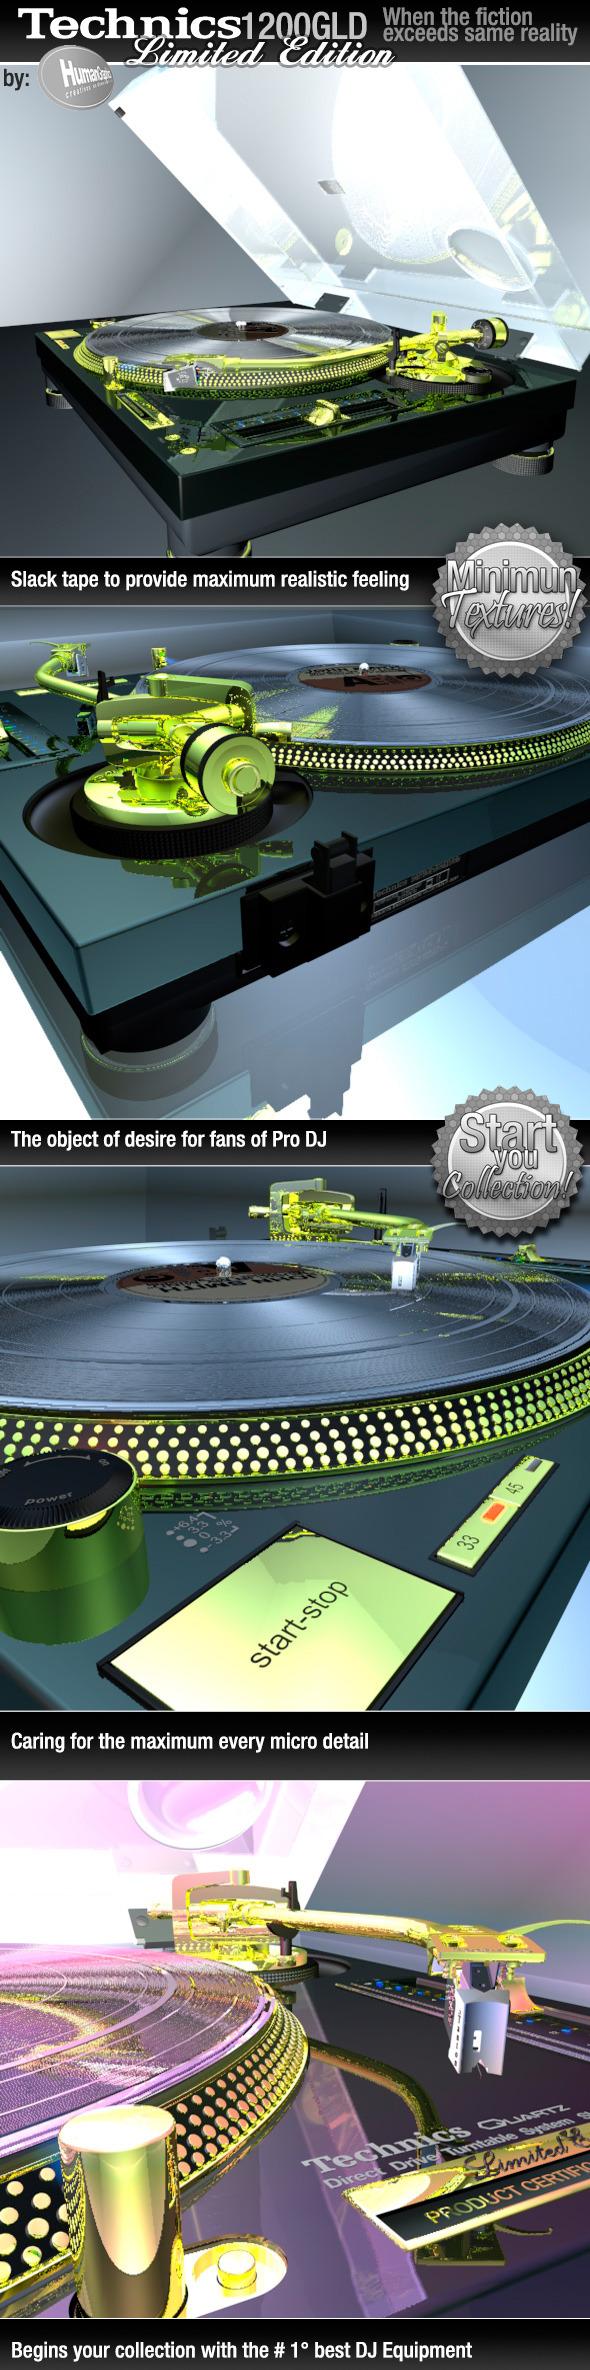 Realistic Turntable Technics SL1200GLD